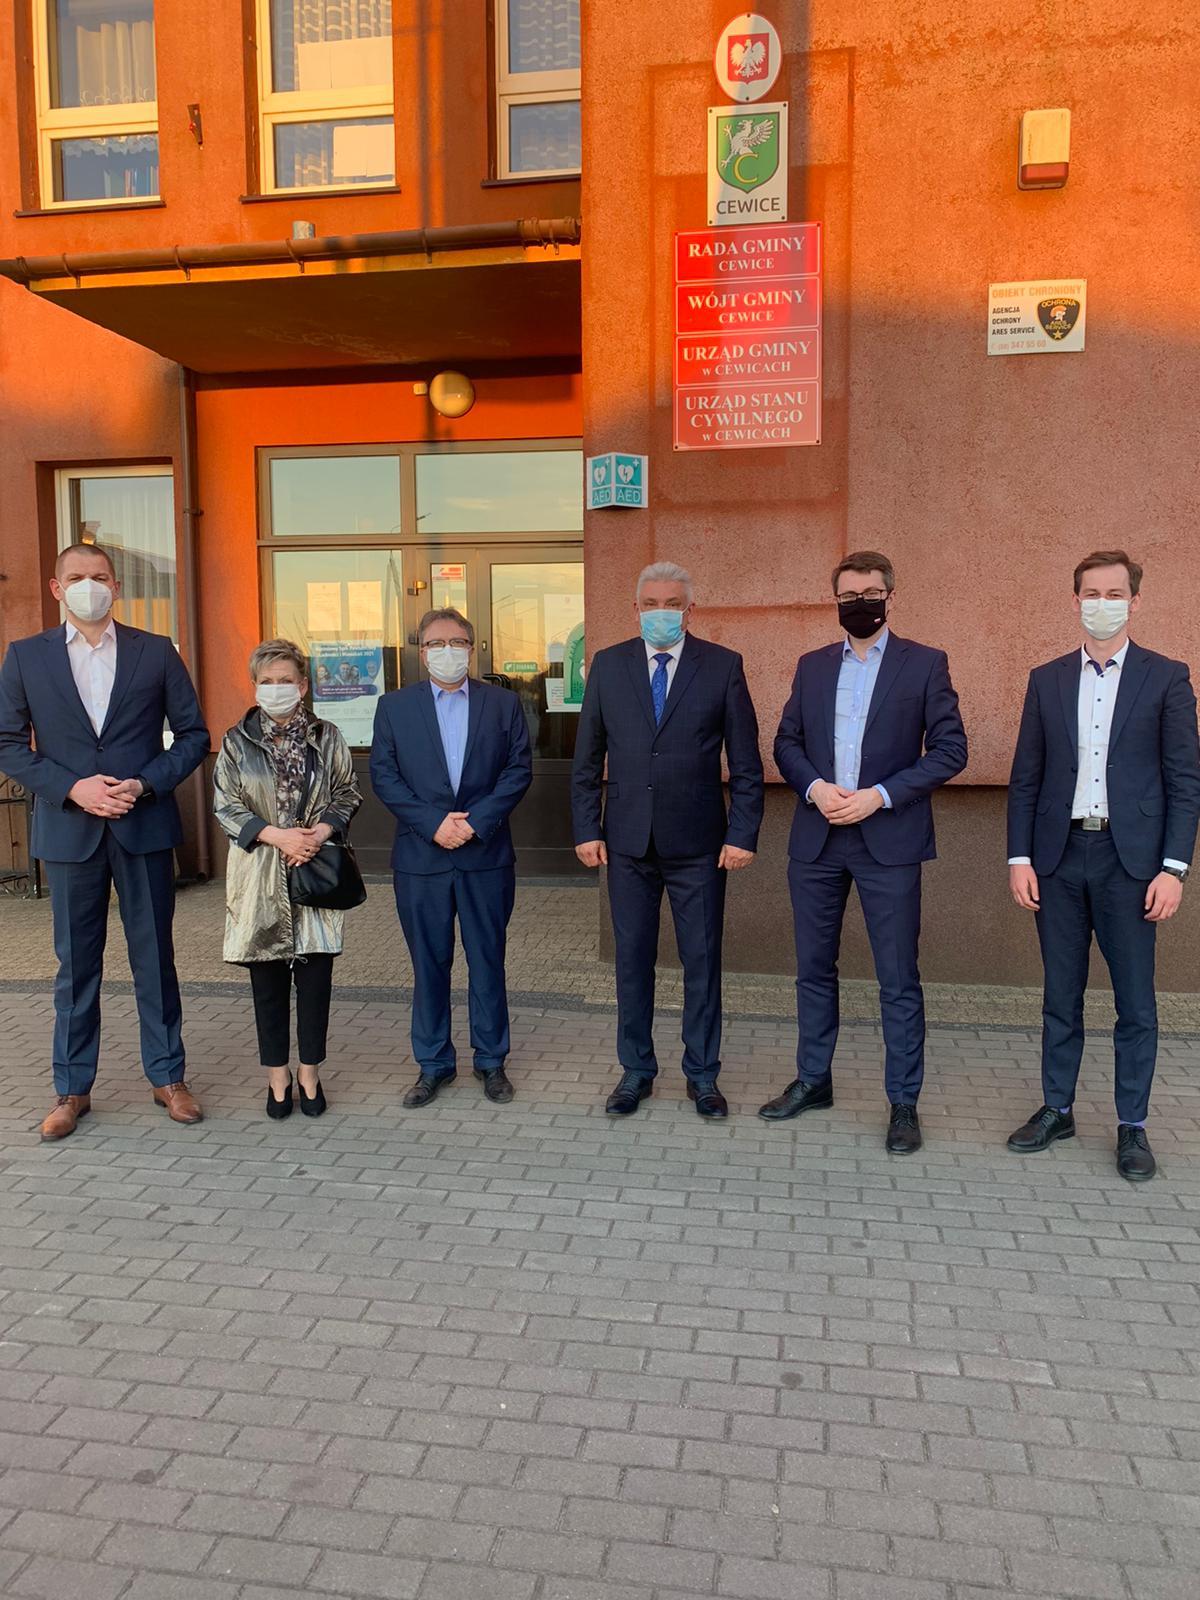 Gościłem w miejscowościach Unieszyno i Cewice w Gmina Cewice. Spotkałem się tam m.in. z wójtem gminy, radną sejmiku województwa pomorskiego i mieszkańcami.